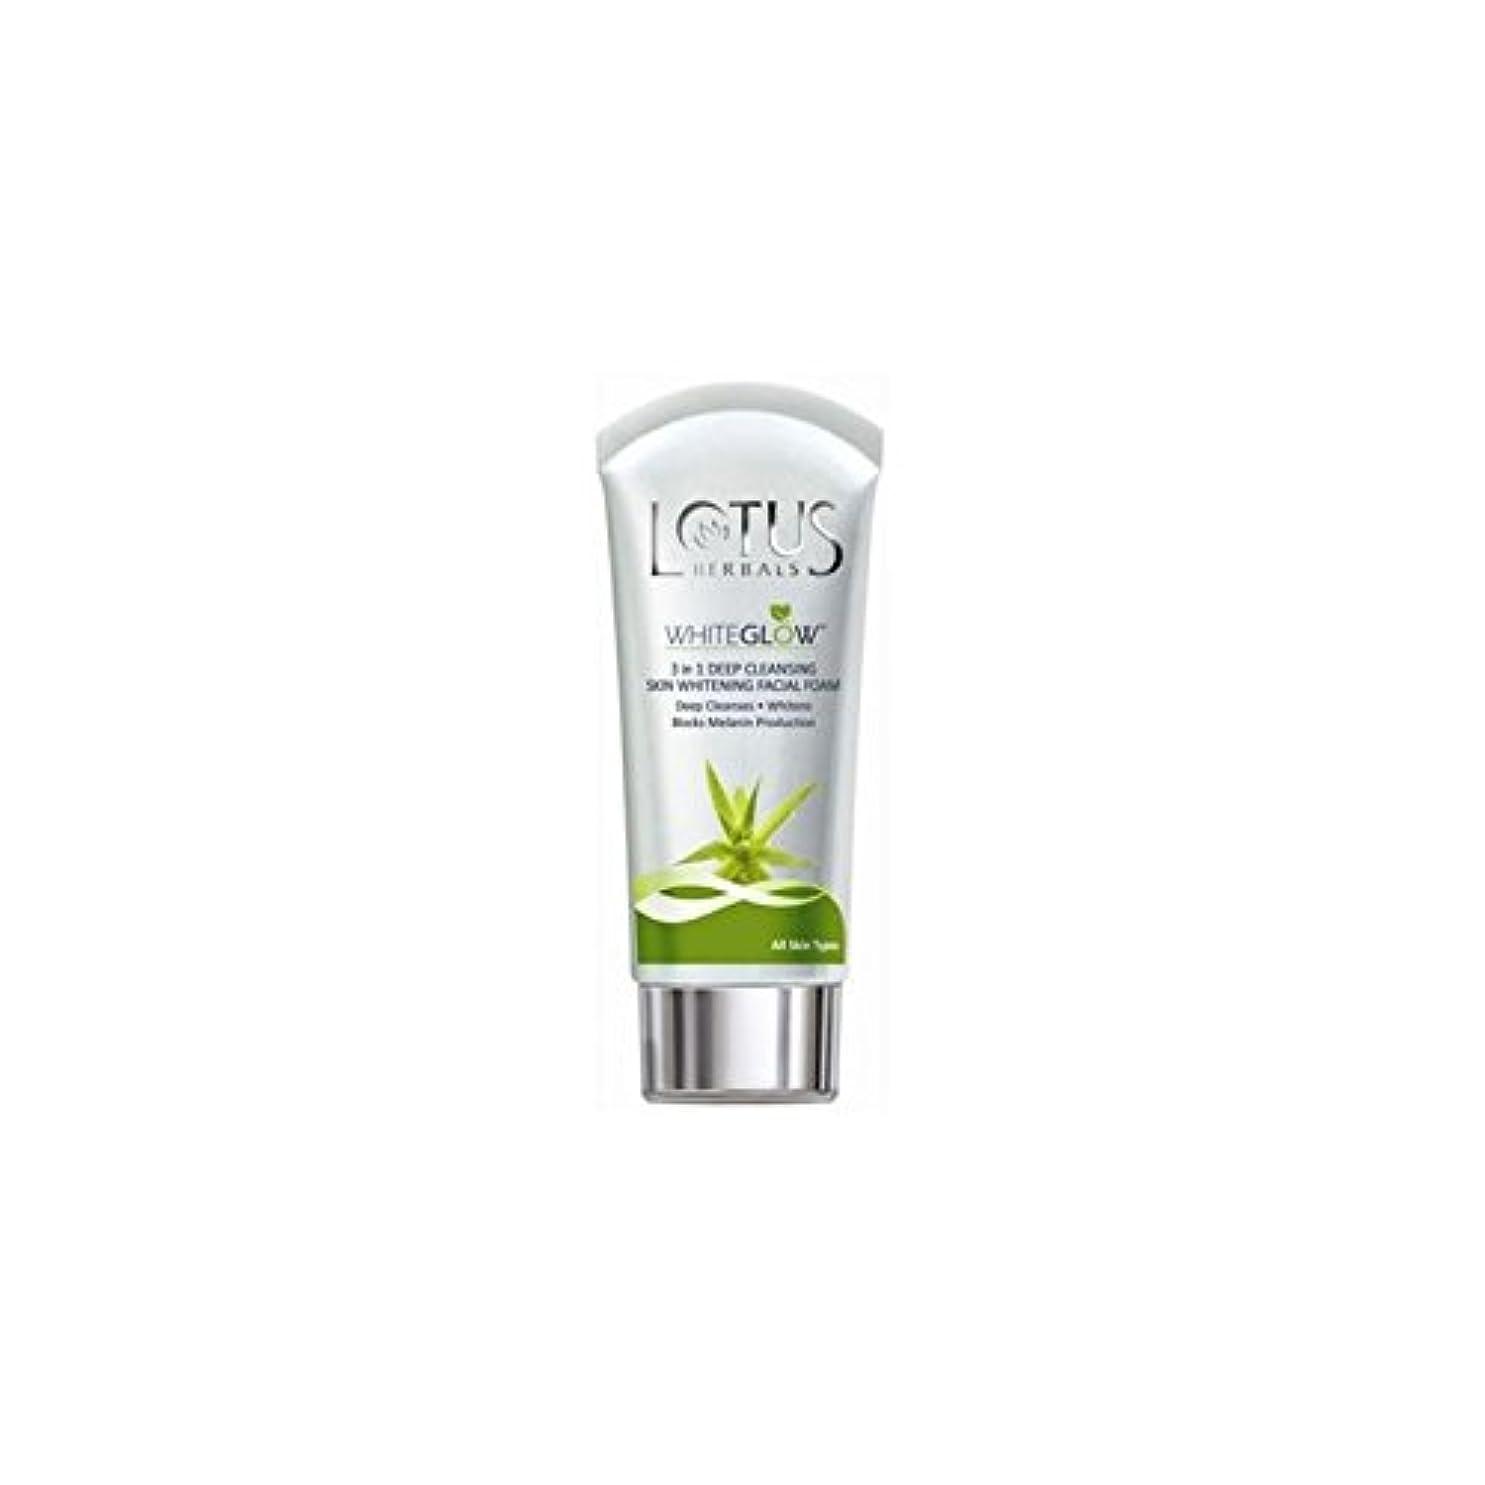 しばしばファシズムせがむLotus Herbals 3-in-1 Deep Cleansing Skin Whitening Facial Foam - Whiteglow 50g